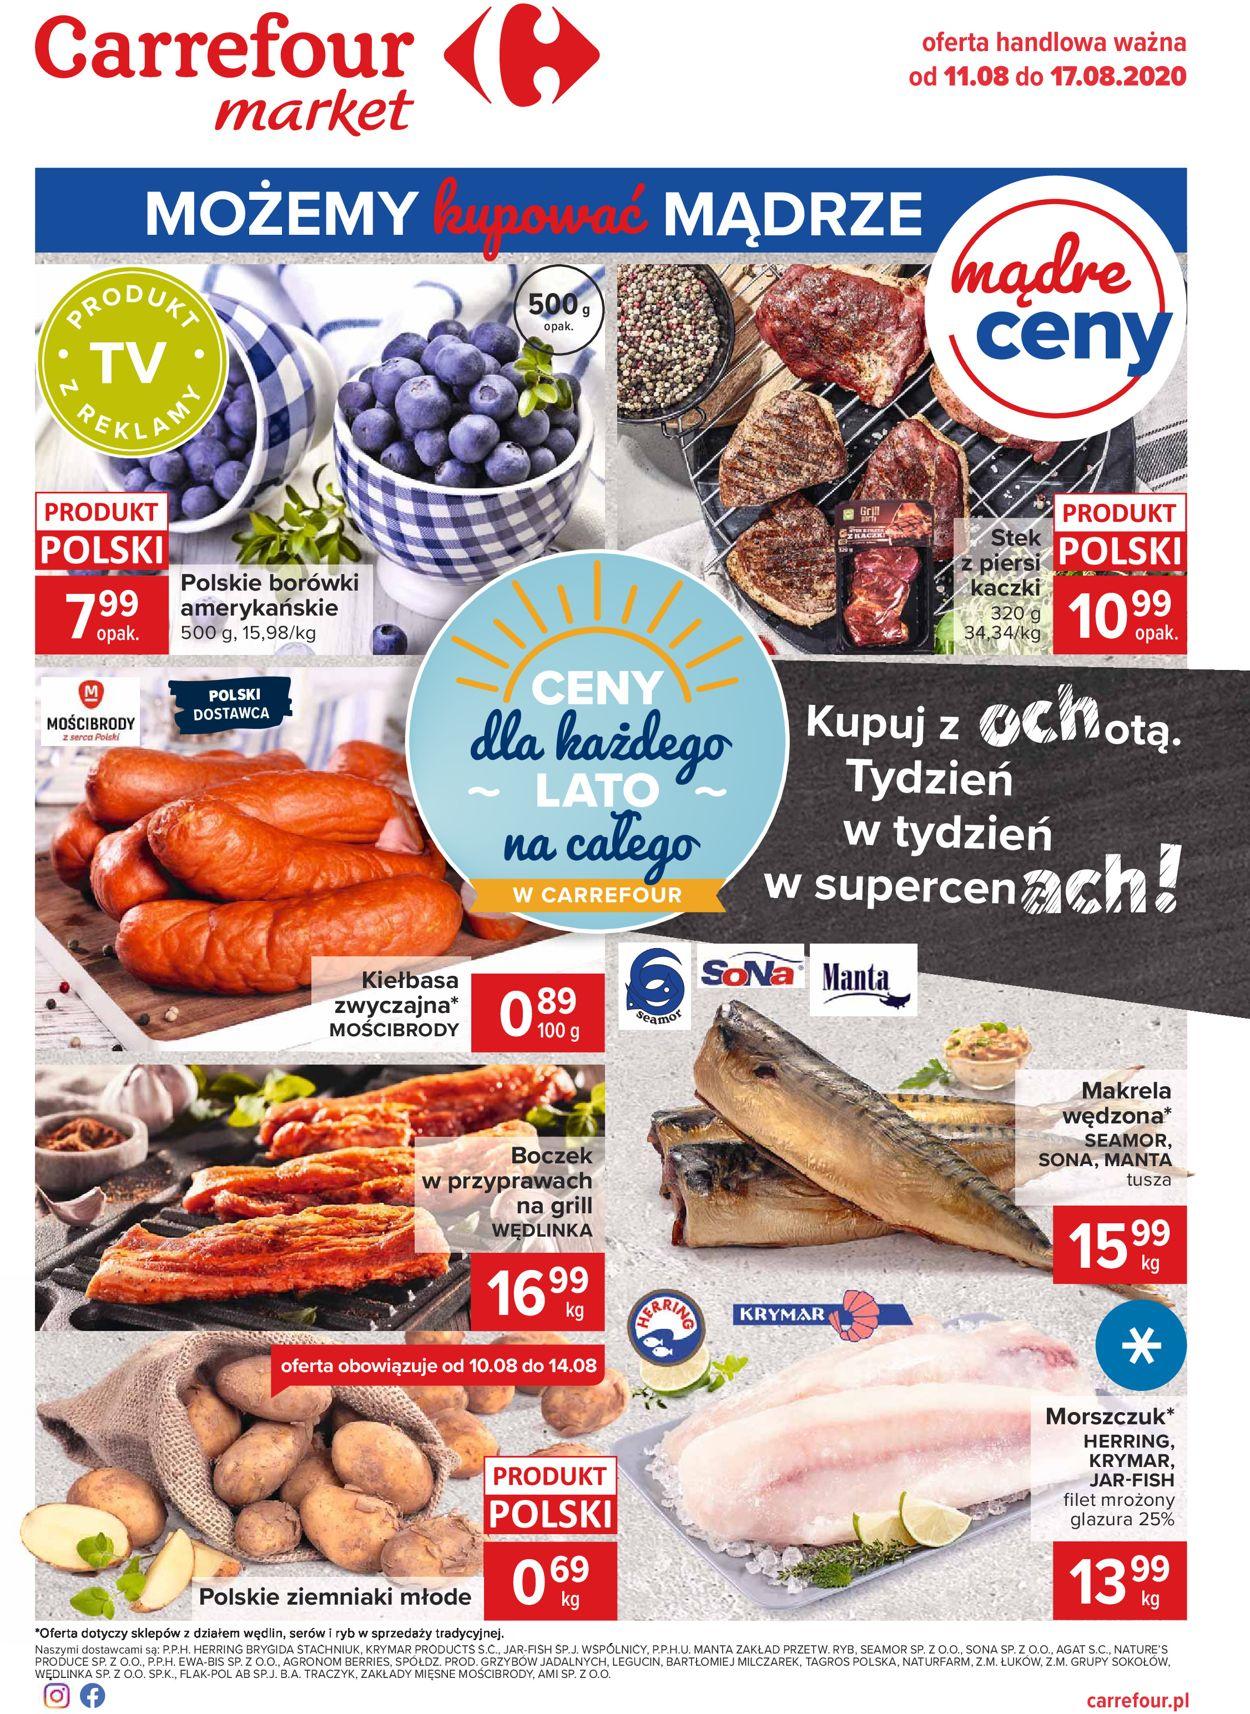 Gazetka promocyjna Carrefour - 11.08-17.08.2020